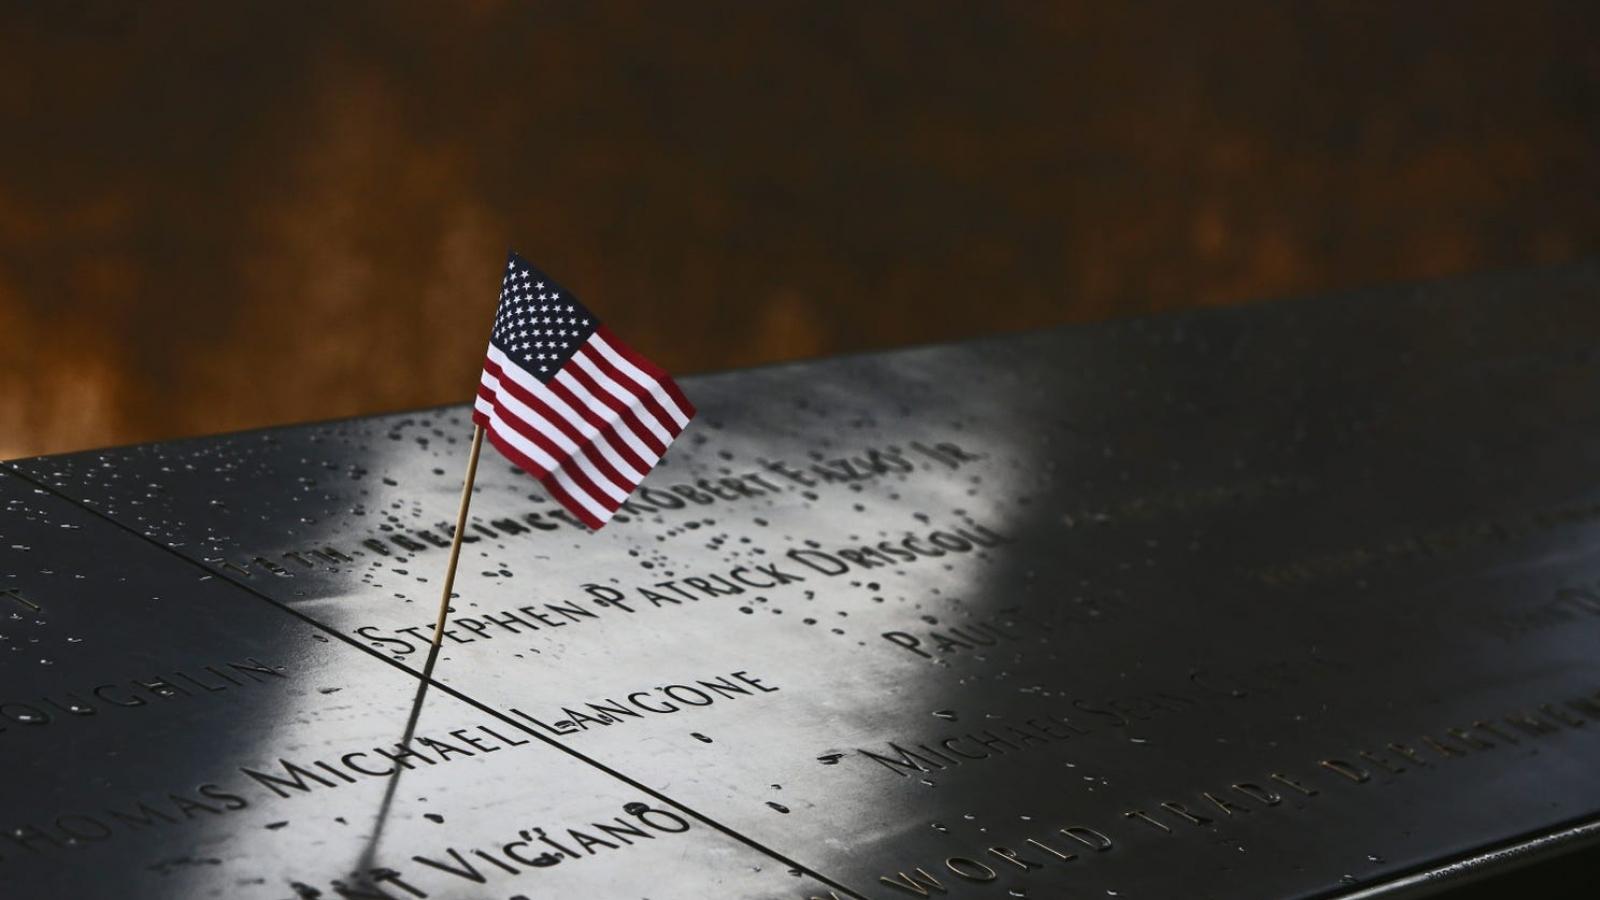 Công trình đặc biệt tưởng niệm vụ 11/9: Sự phản chiếu hữu hình của lịch sử